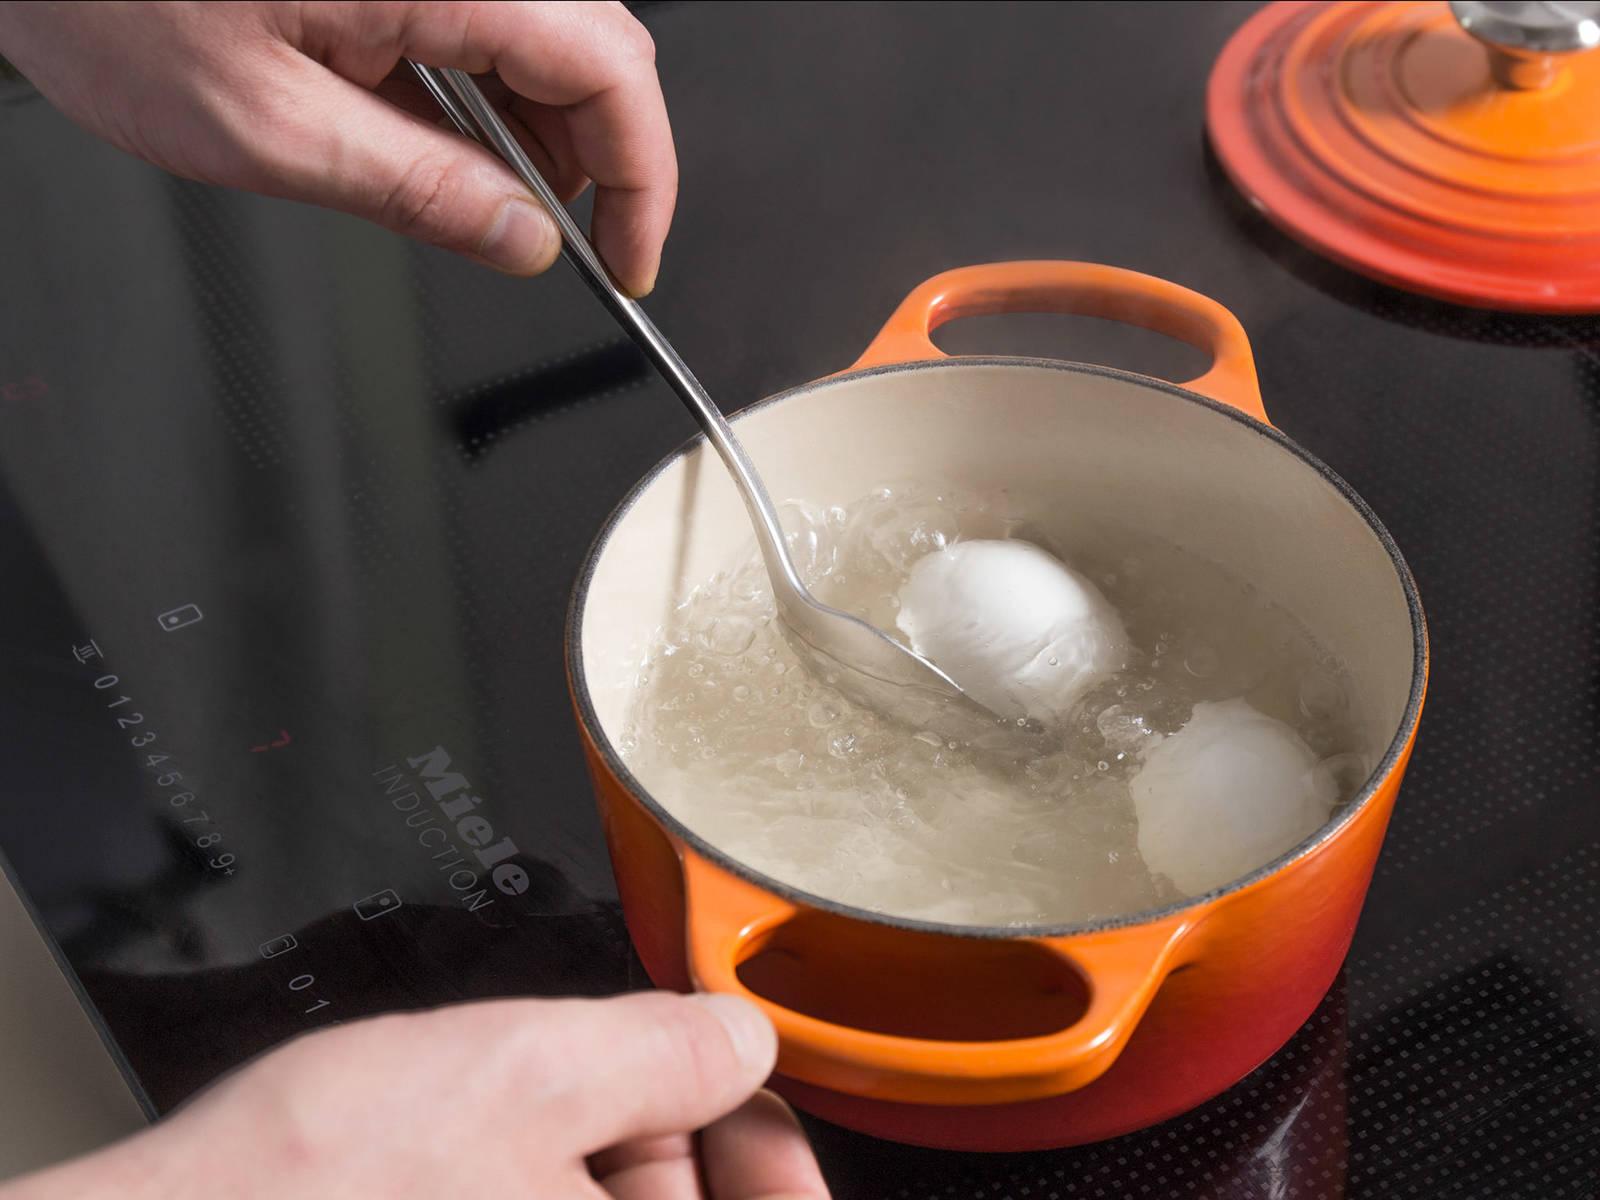 在中号汤锅中煮沸水,放入2个鸡蛋,煮10分钟。捞出鸡蛋,滤干,剥皮,用叉子戳碎。